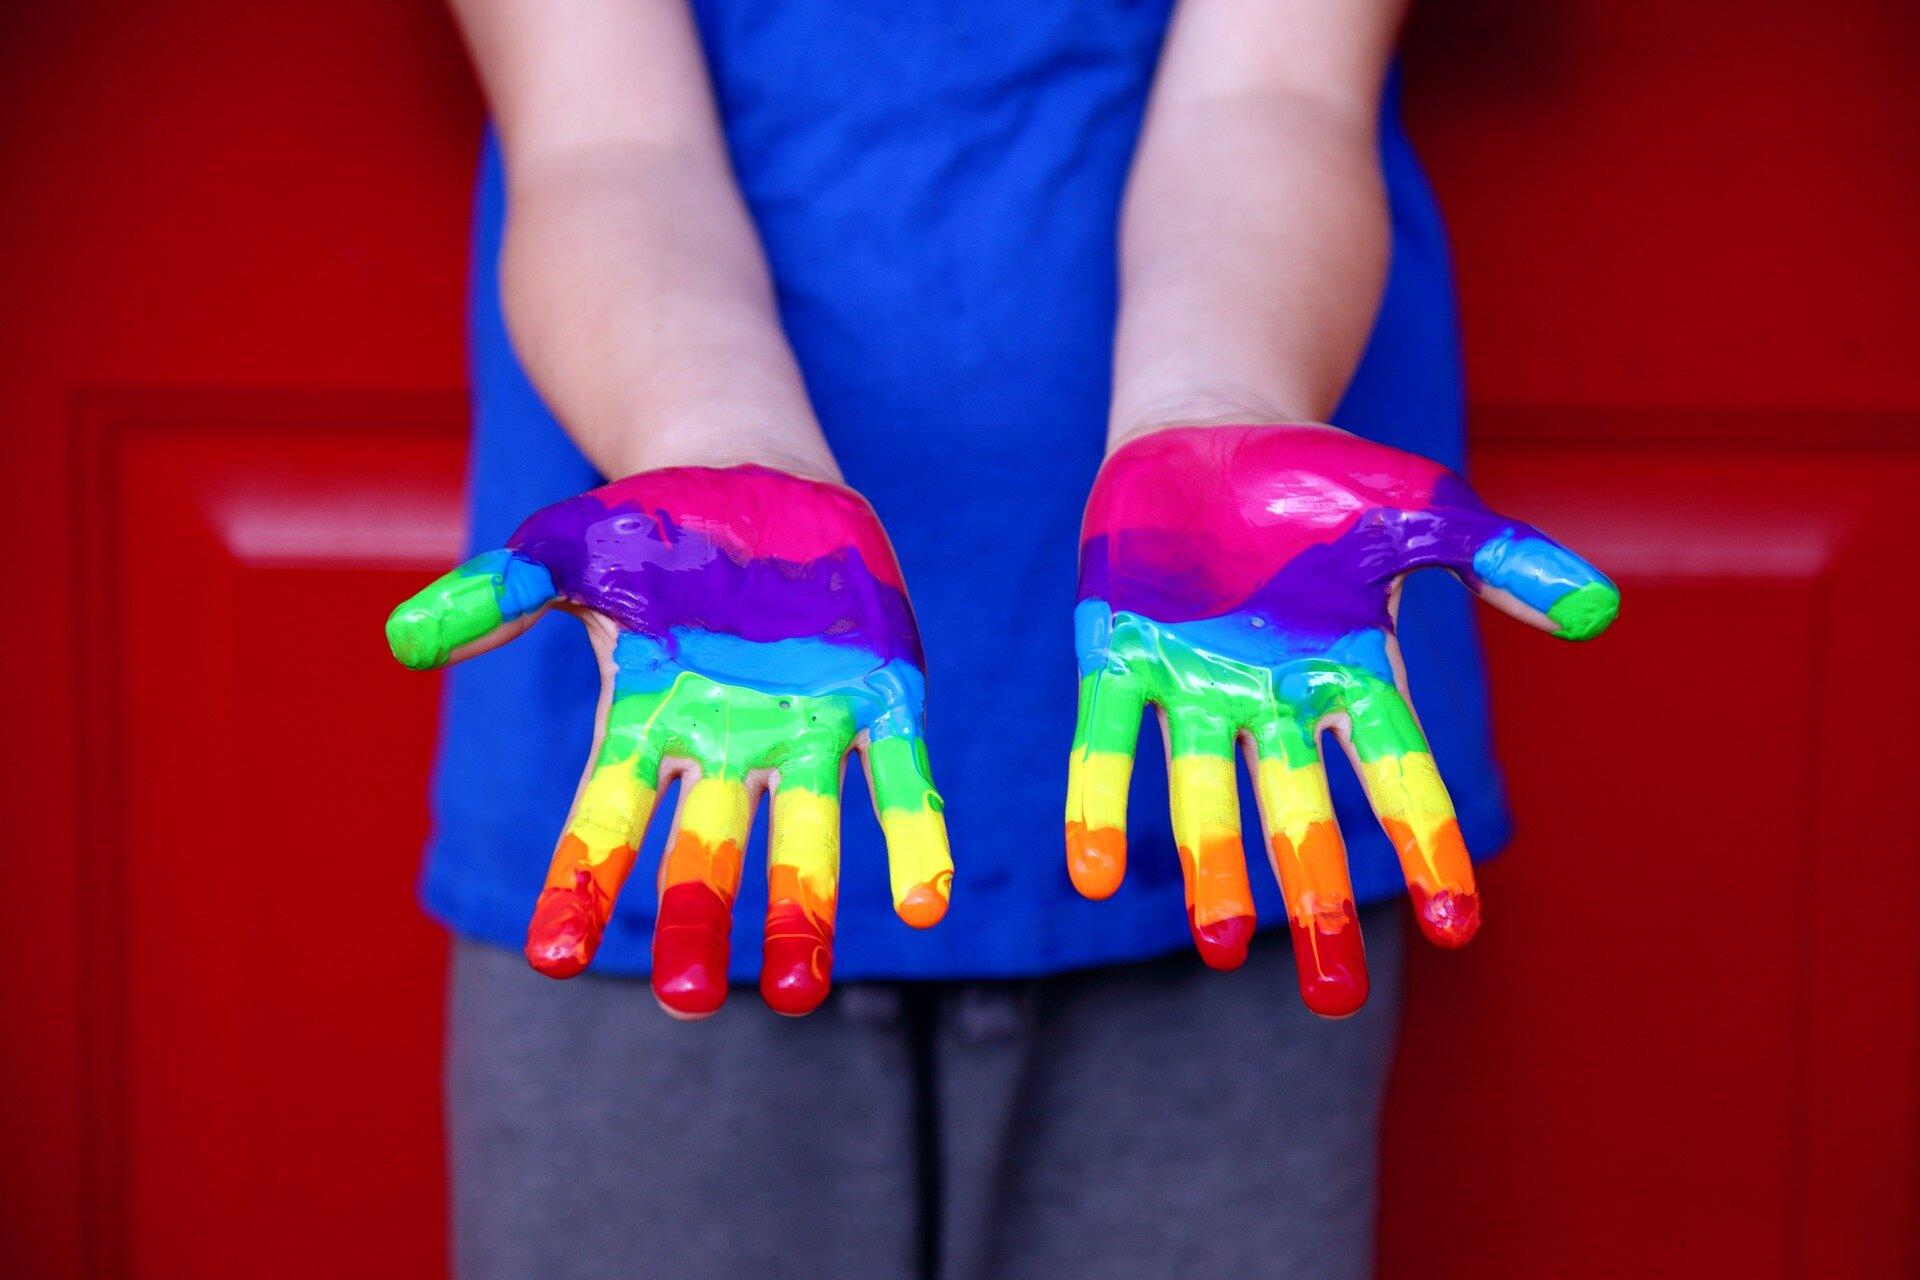 painted hands.jpg